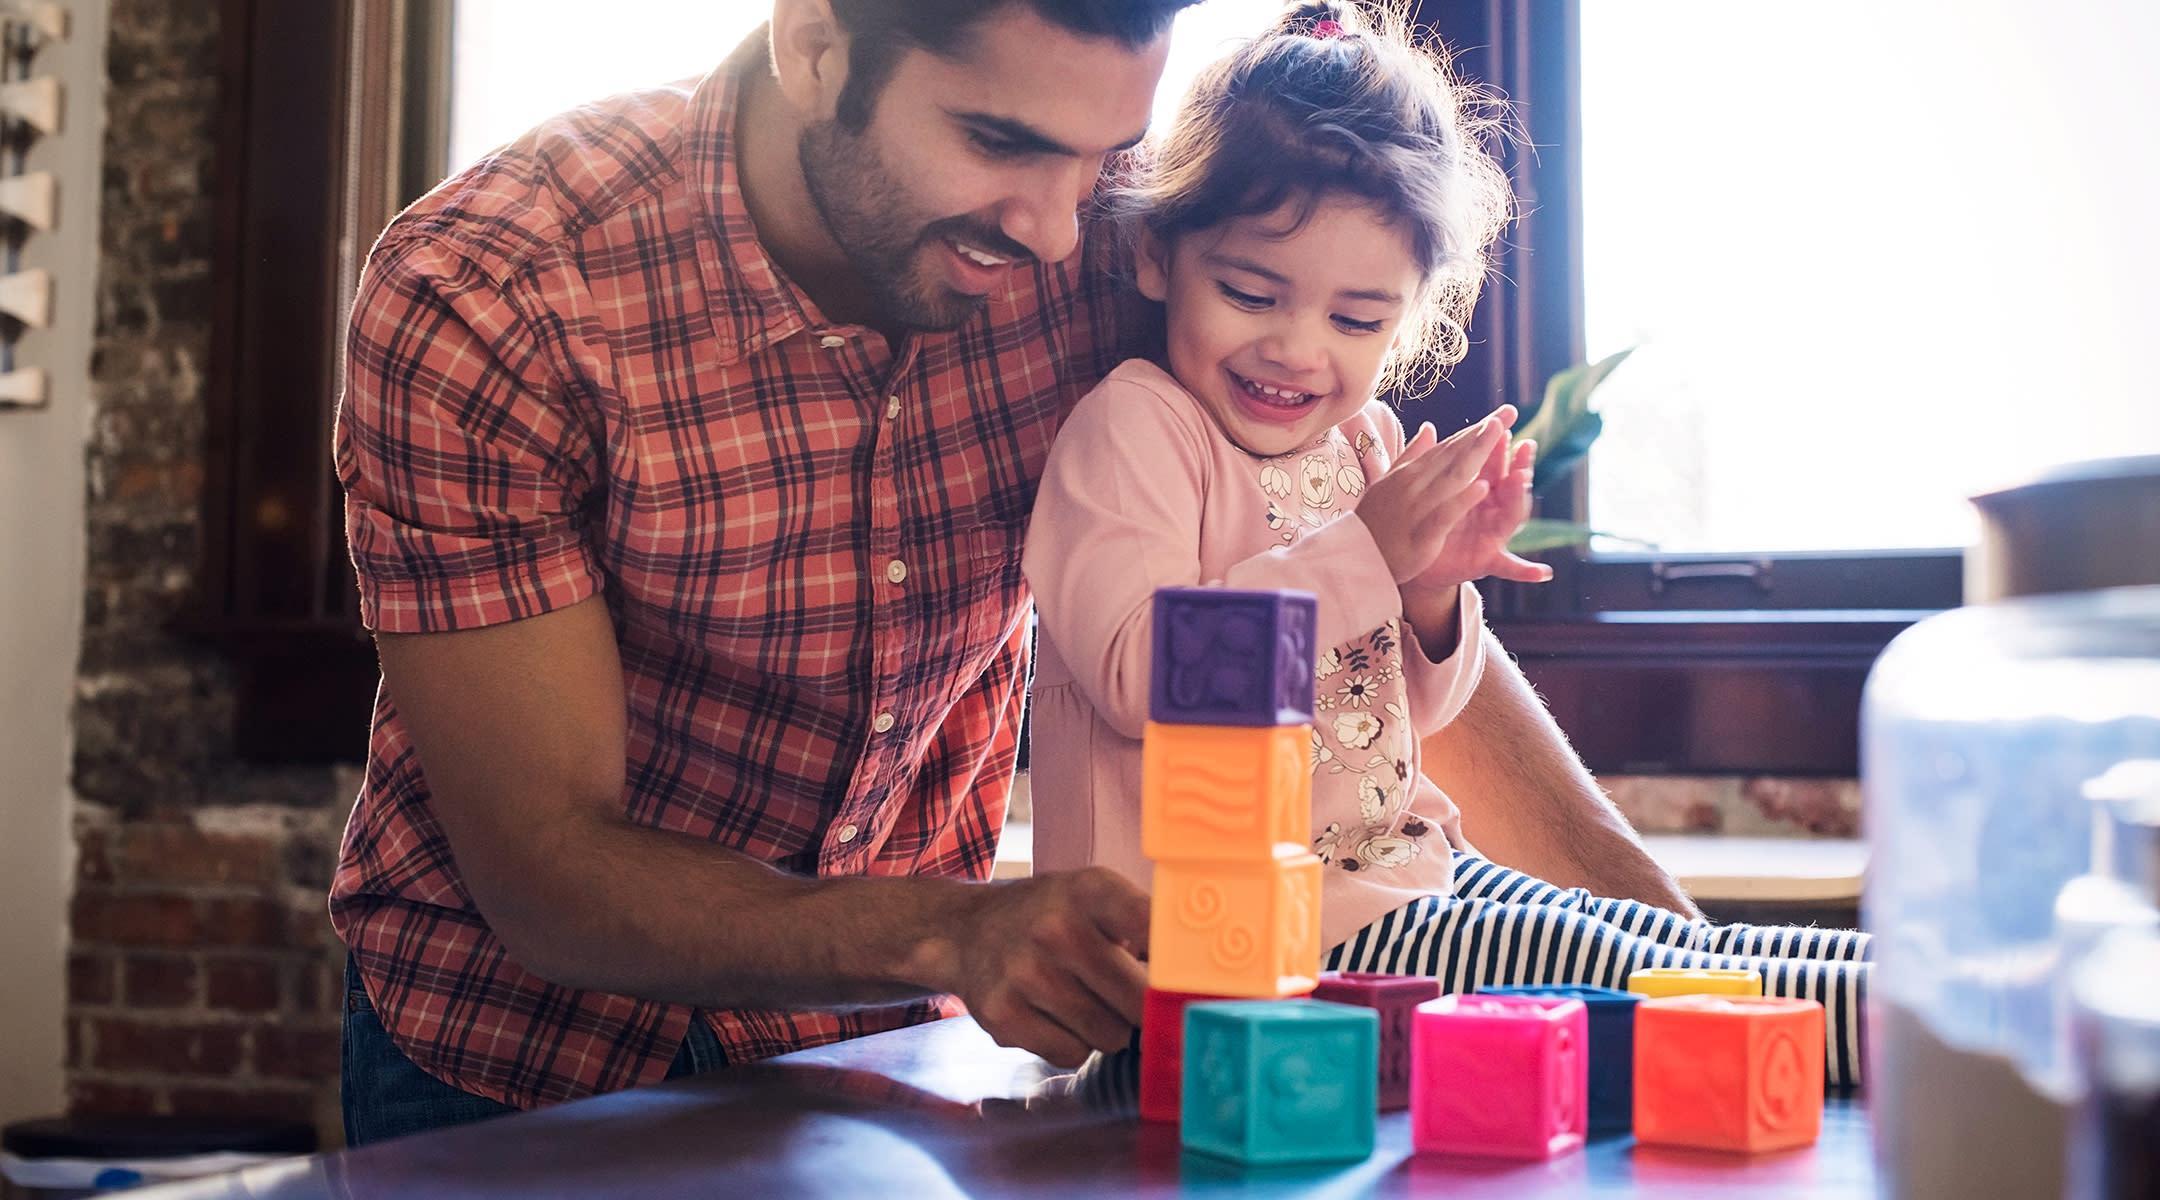 На сыновей и дочерей отцы смотрят по-разному